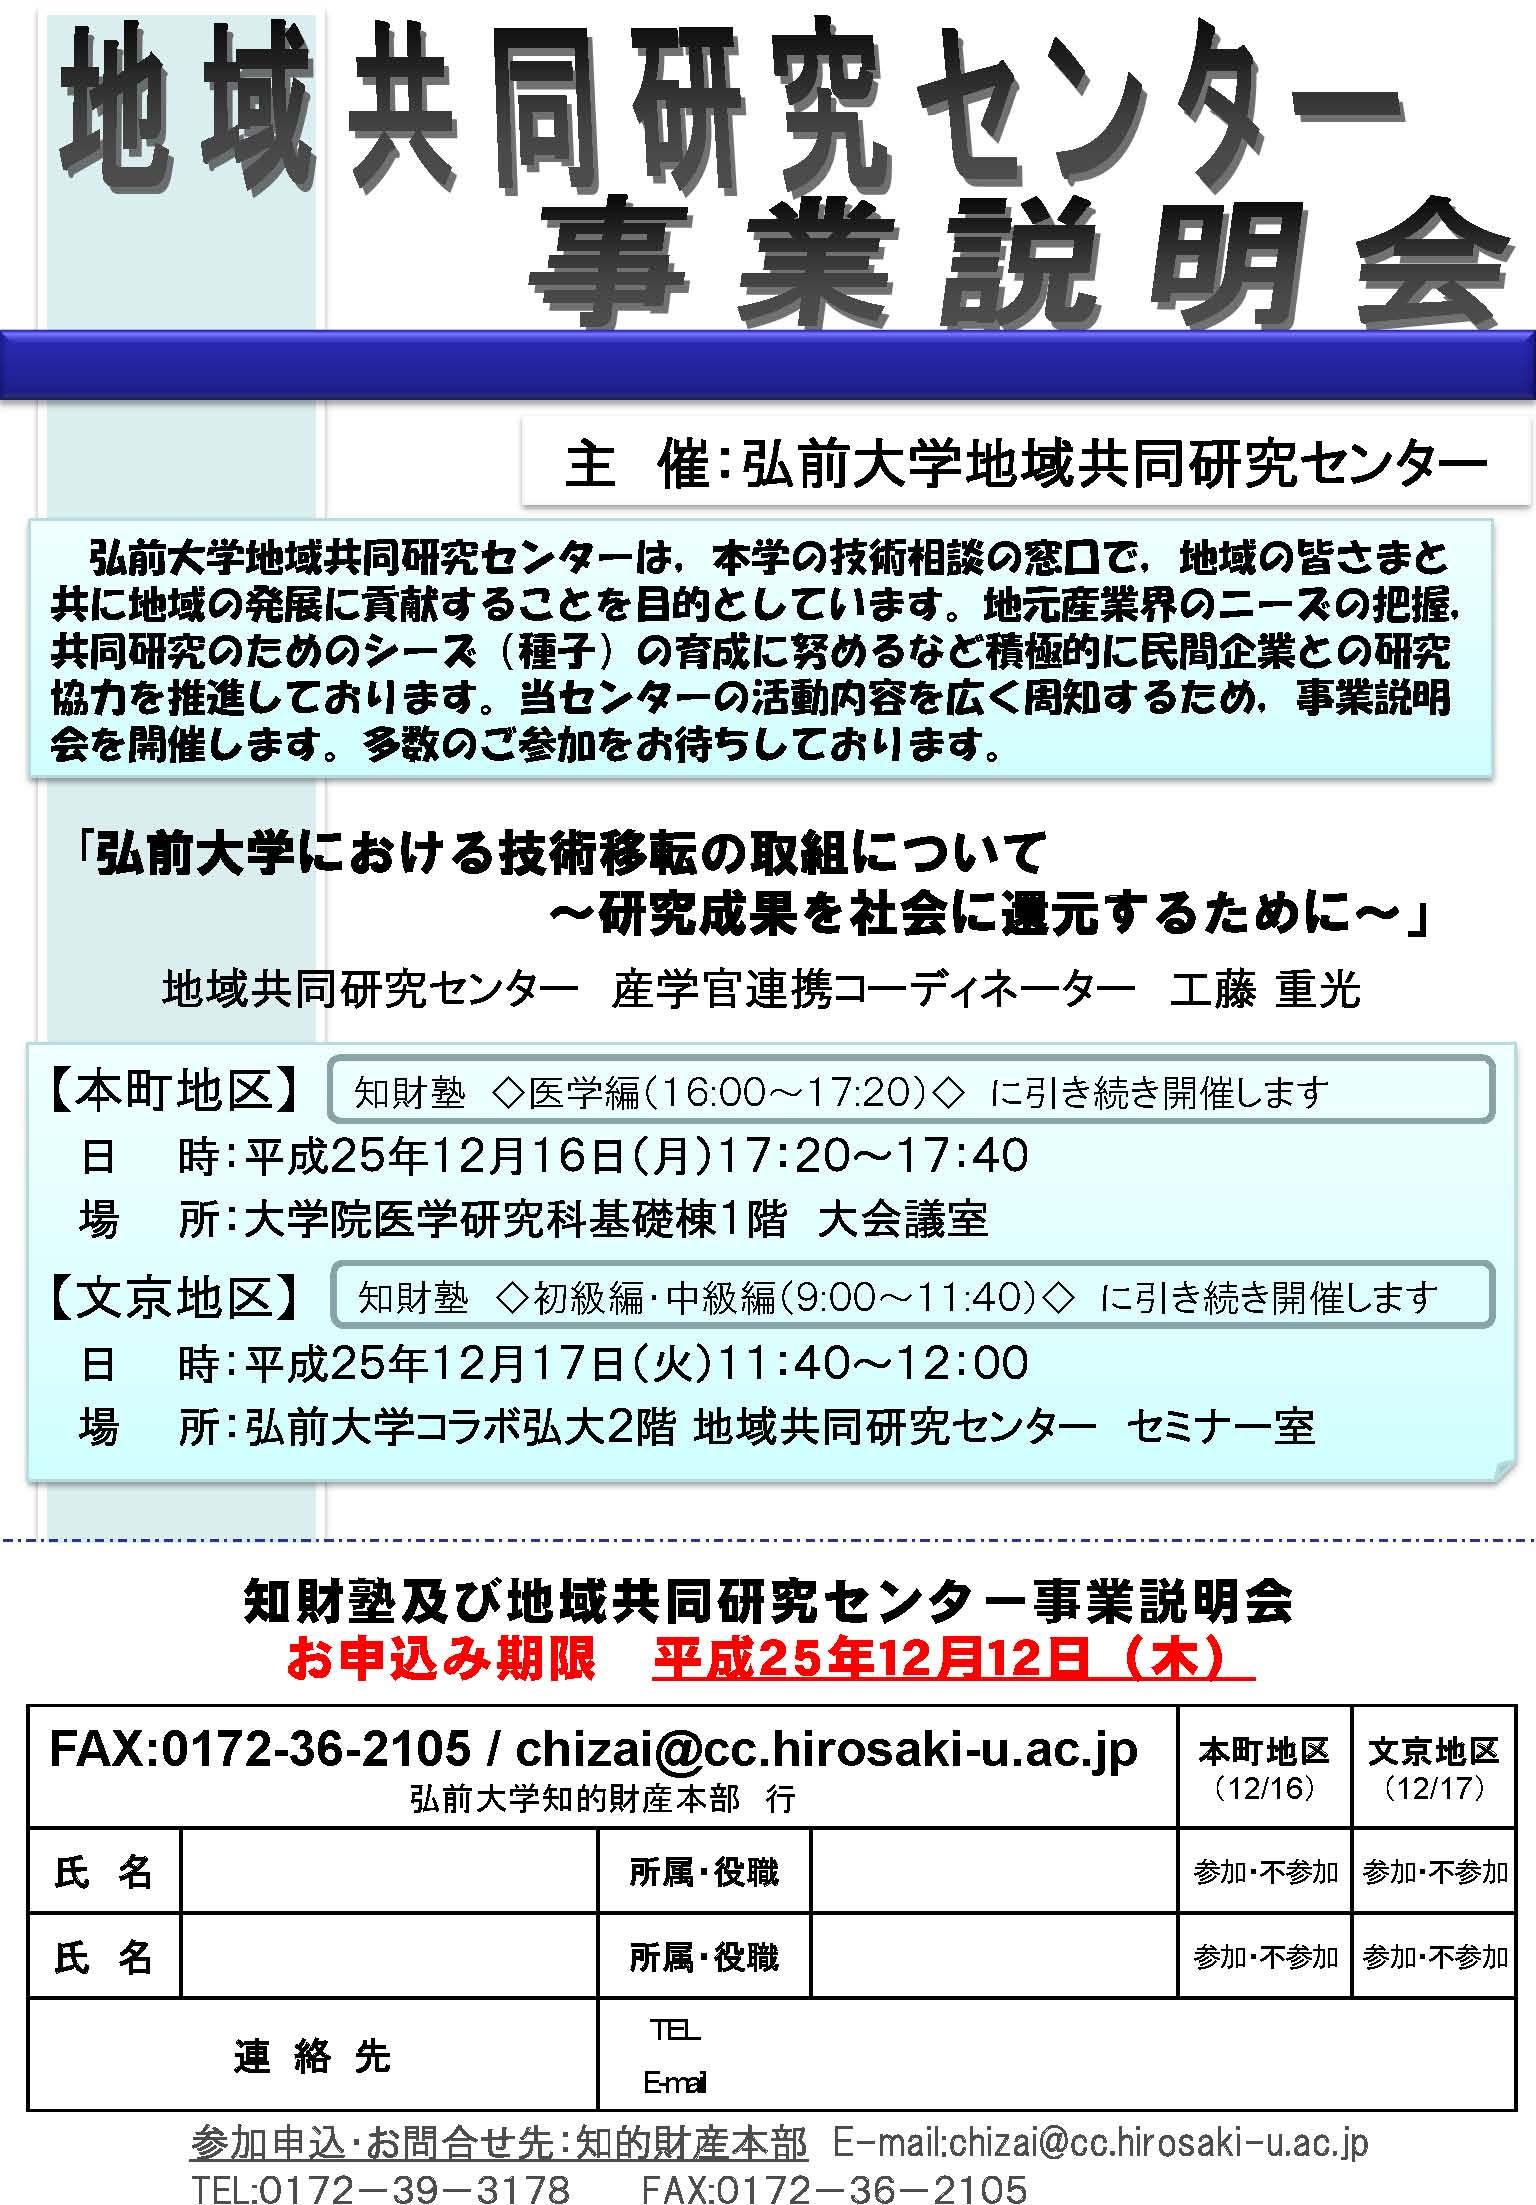 H25年度 知財塾・地共研事業説明会ポスター_ページ_2